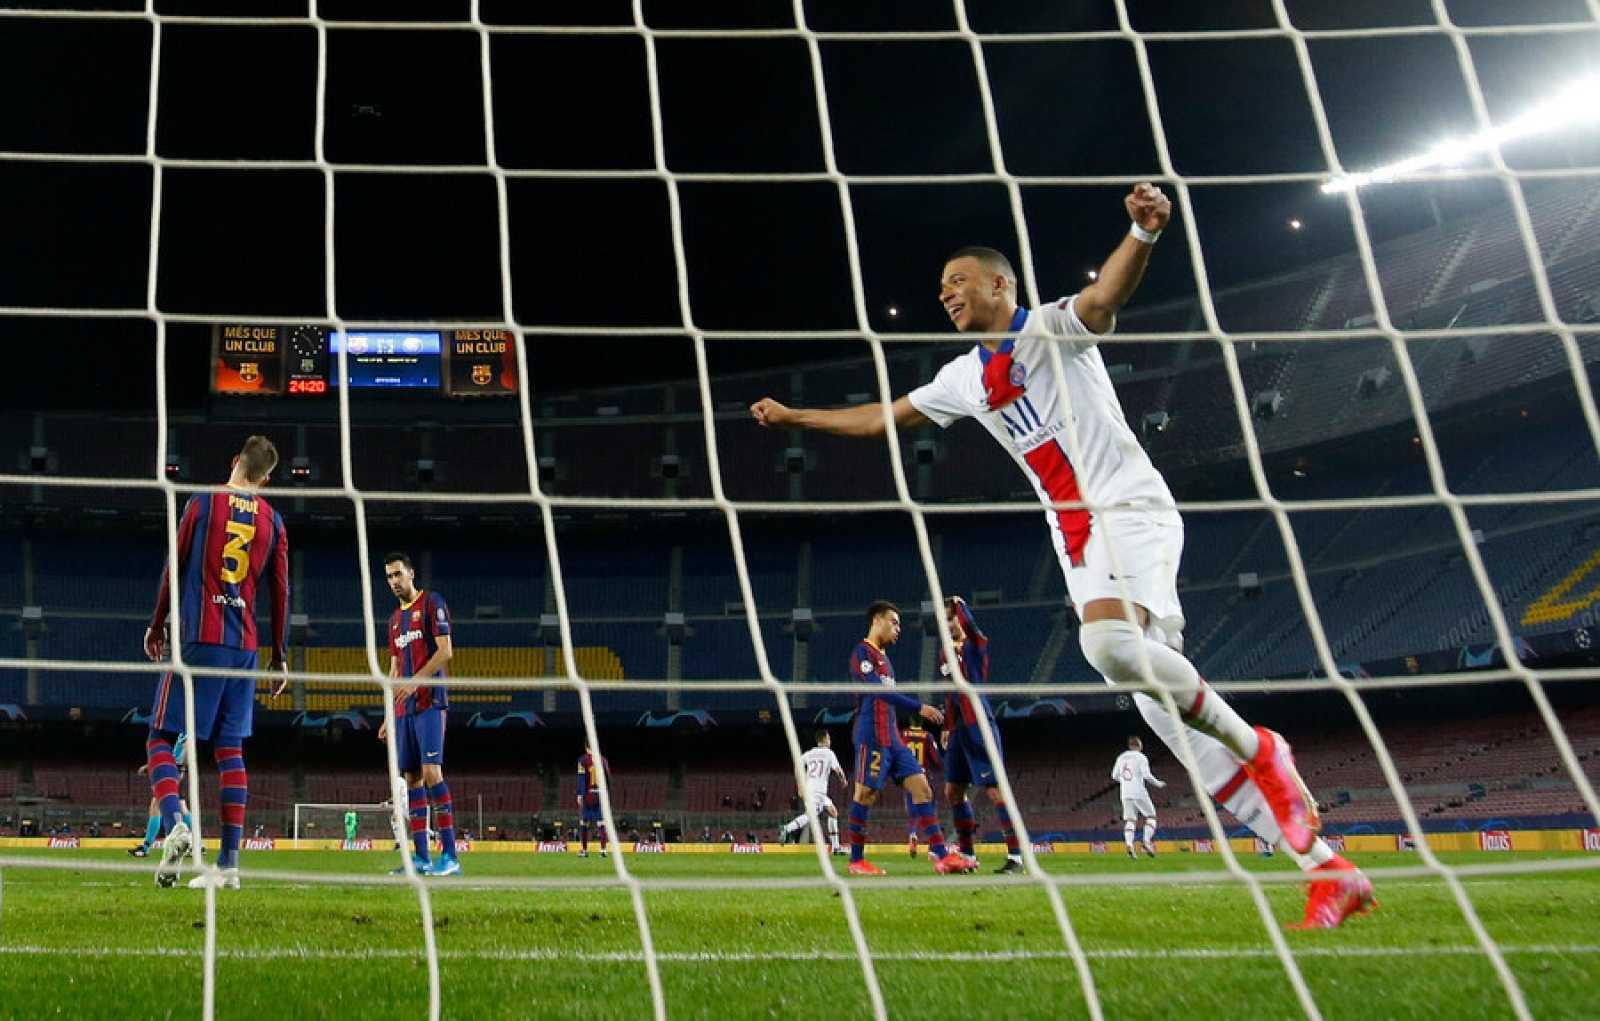 Tablero deportivo - El F.C. Barcelona necesitará un milagro - Escuchar ahora